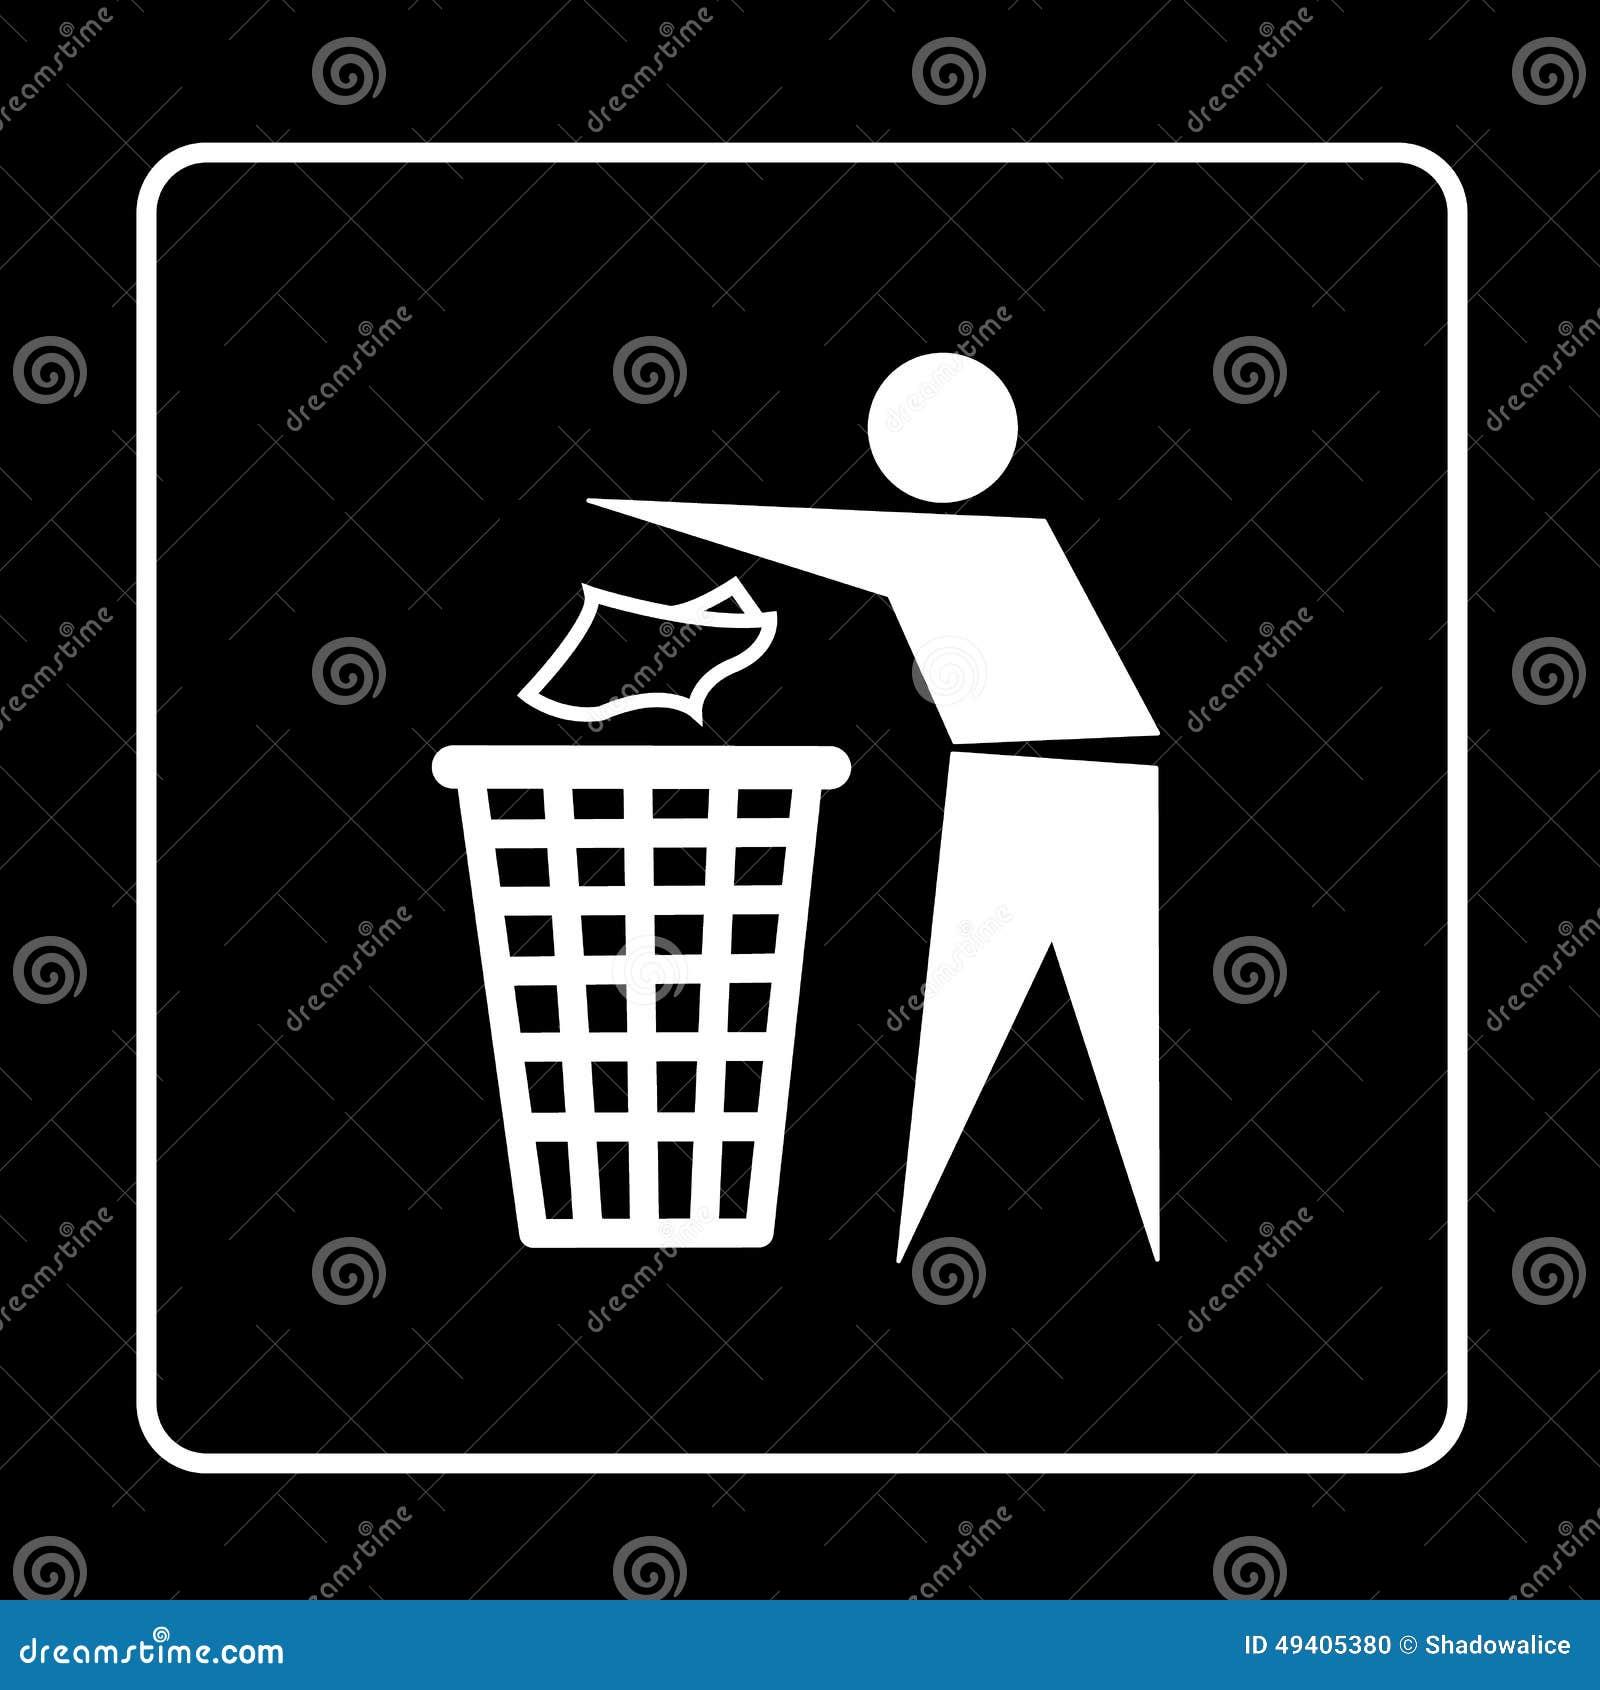 Download Die Abfalleimer- Oder Abfalleimerikone, Die Für Irgendwelche Groß Ist, Verwenden Vektor Eps10 Vektor Abbildung - Illustration von hand, wiederverwertung: 49405380